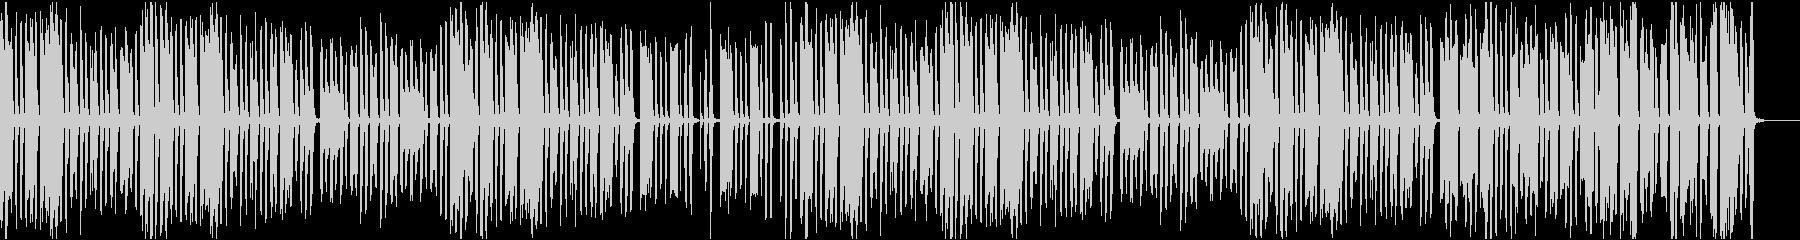 ゆるい雰囲気のコミカルなトイオーケストラの未再生の波形